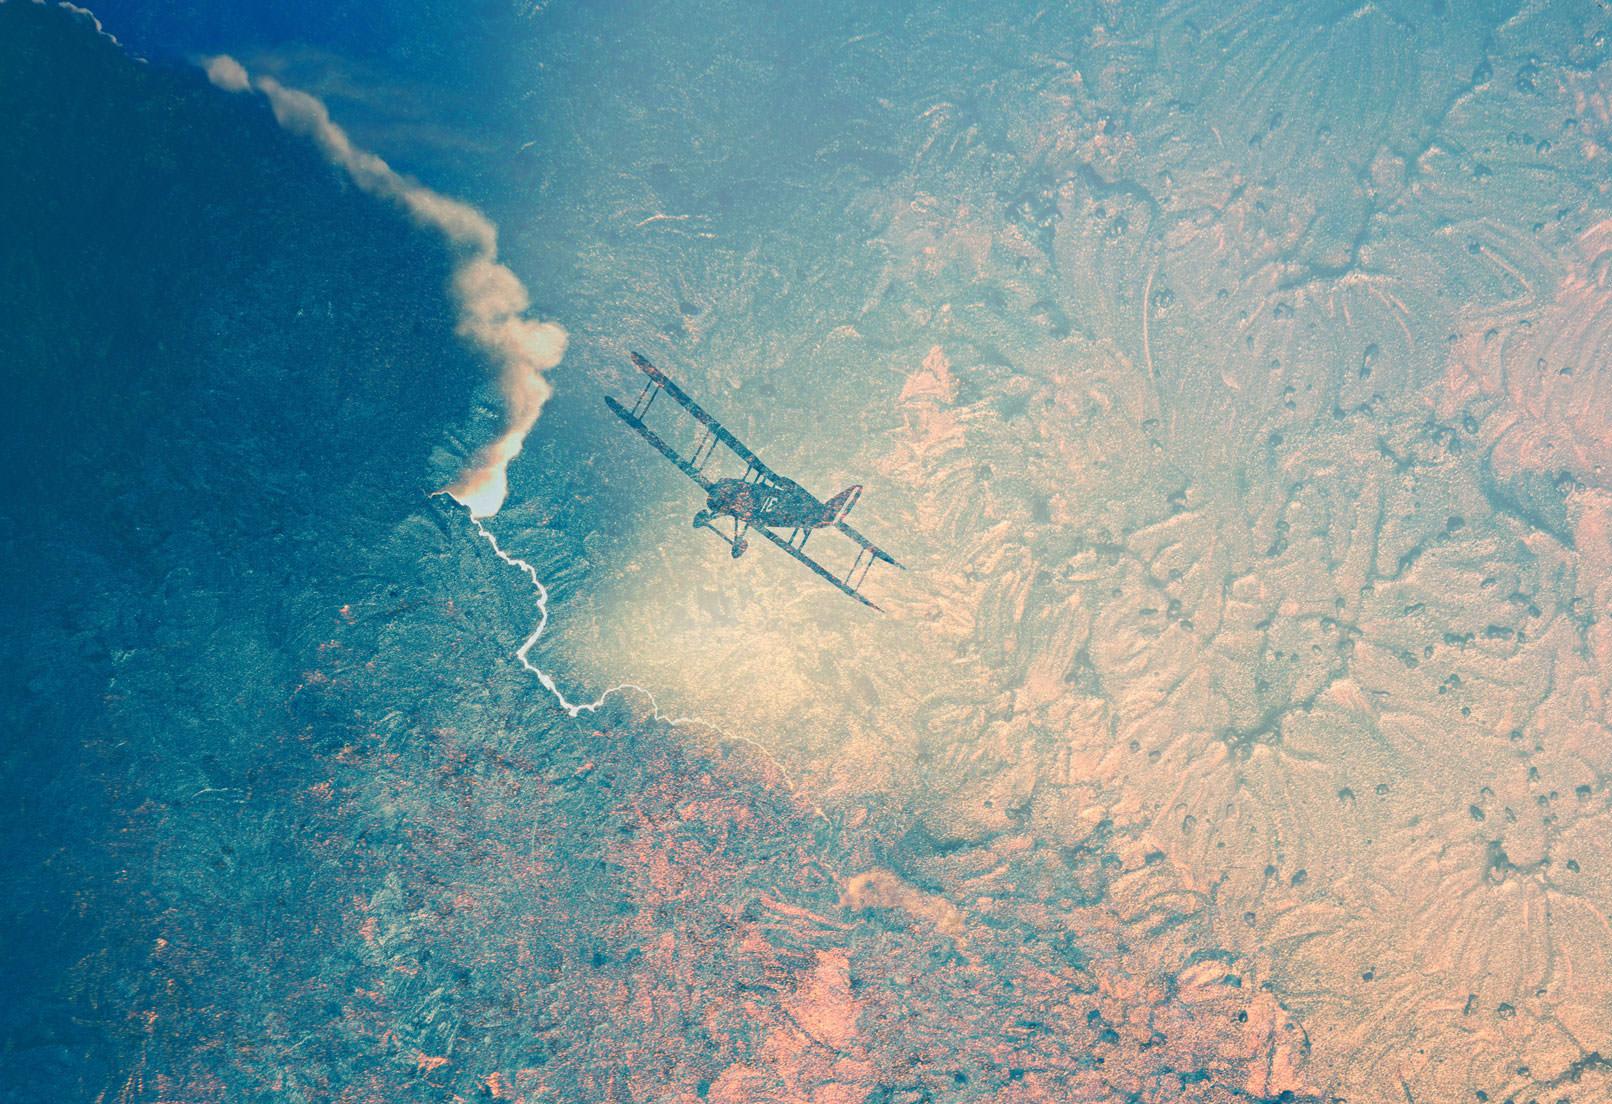 Flugzeug über den Wolken, darauf Textur aus Acryl und Lack